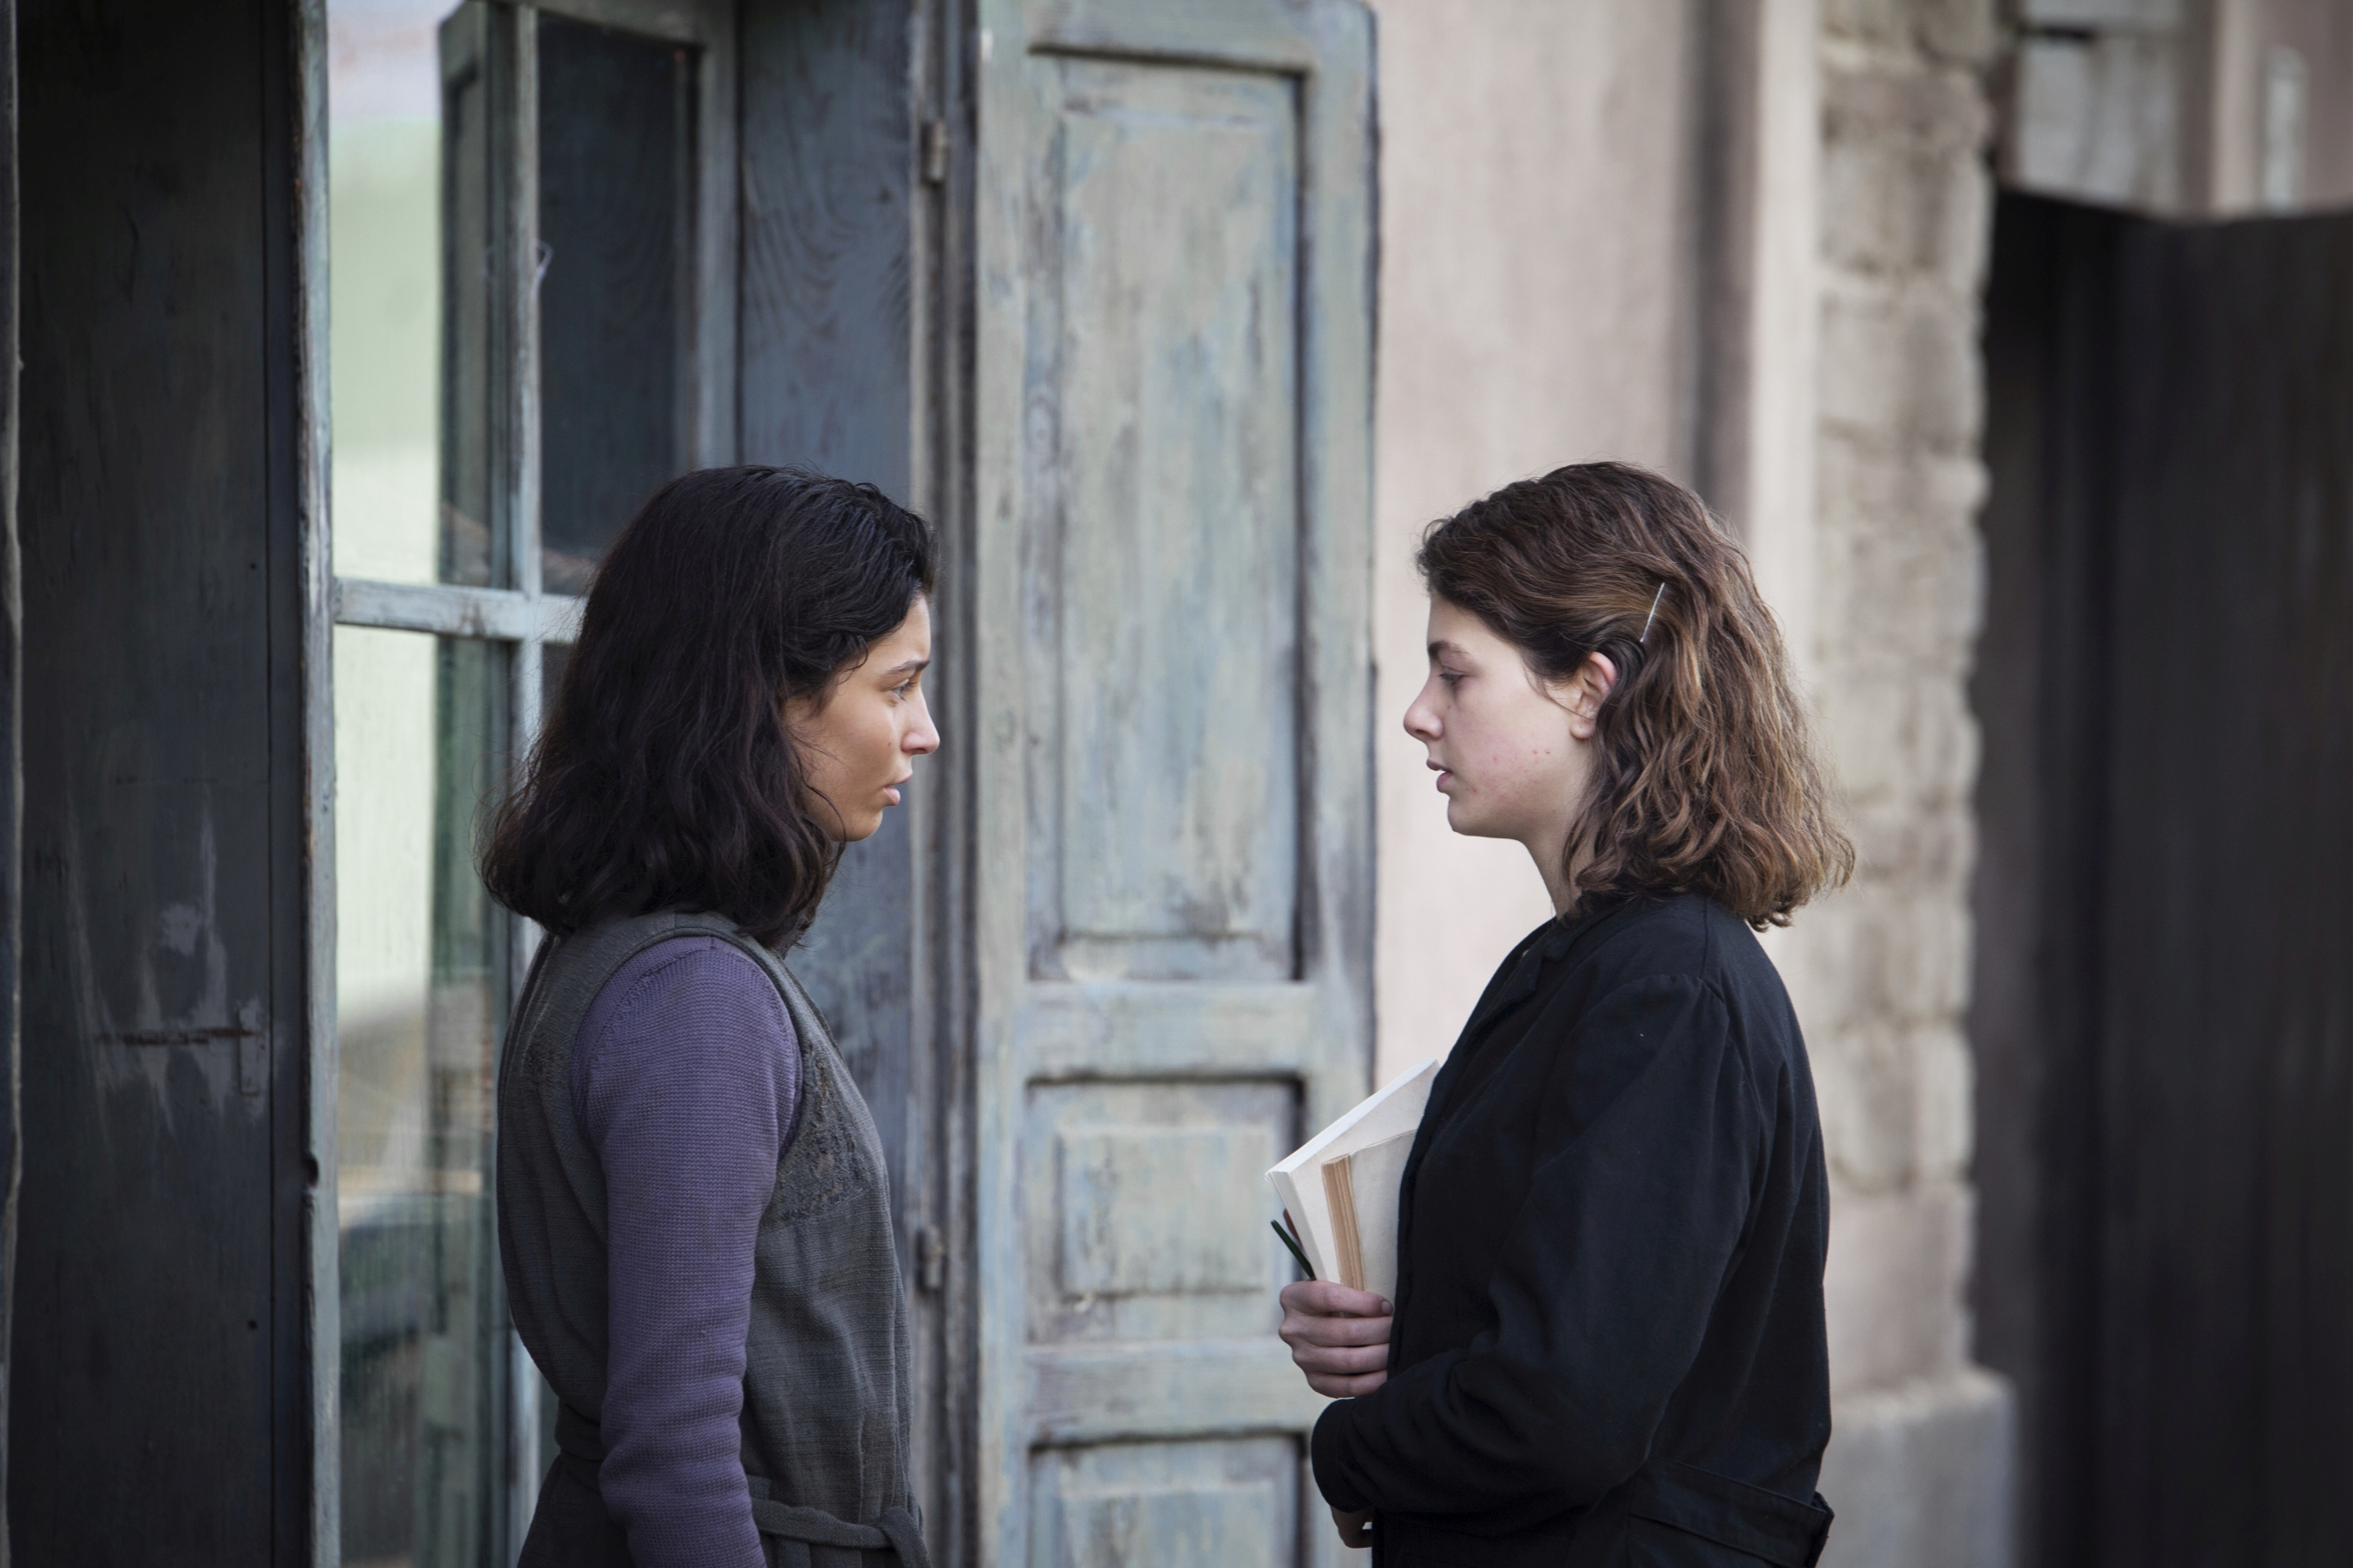 L'amica geniale: una sequenza con Gaia Girace e Margherita Mazzucco